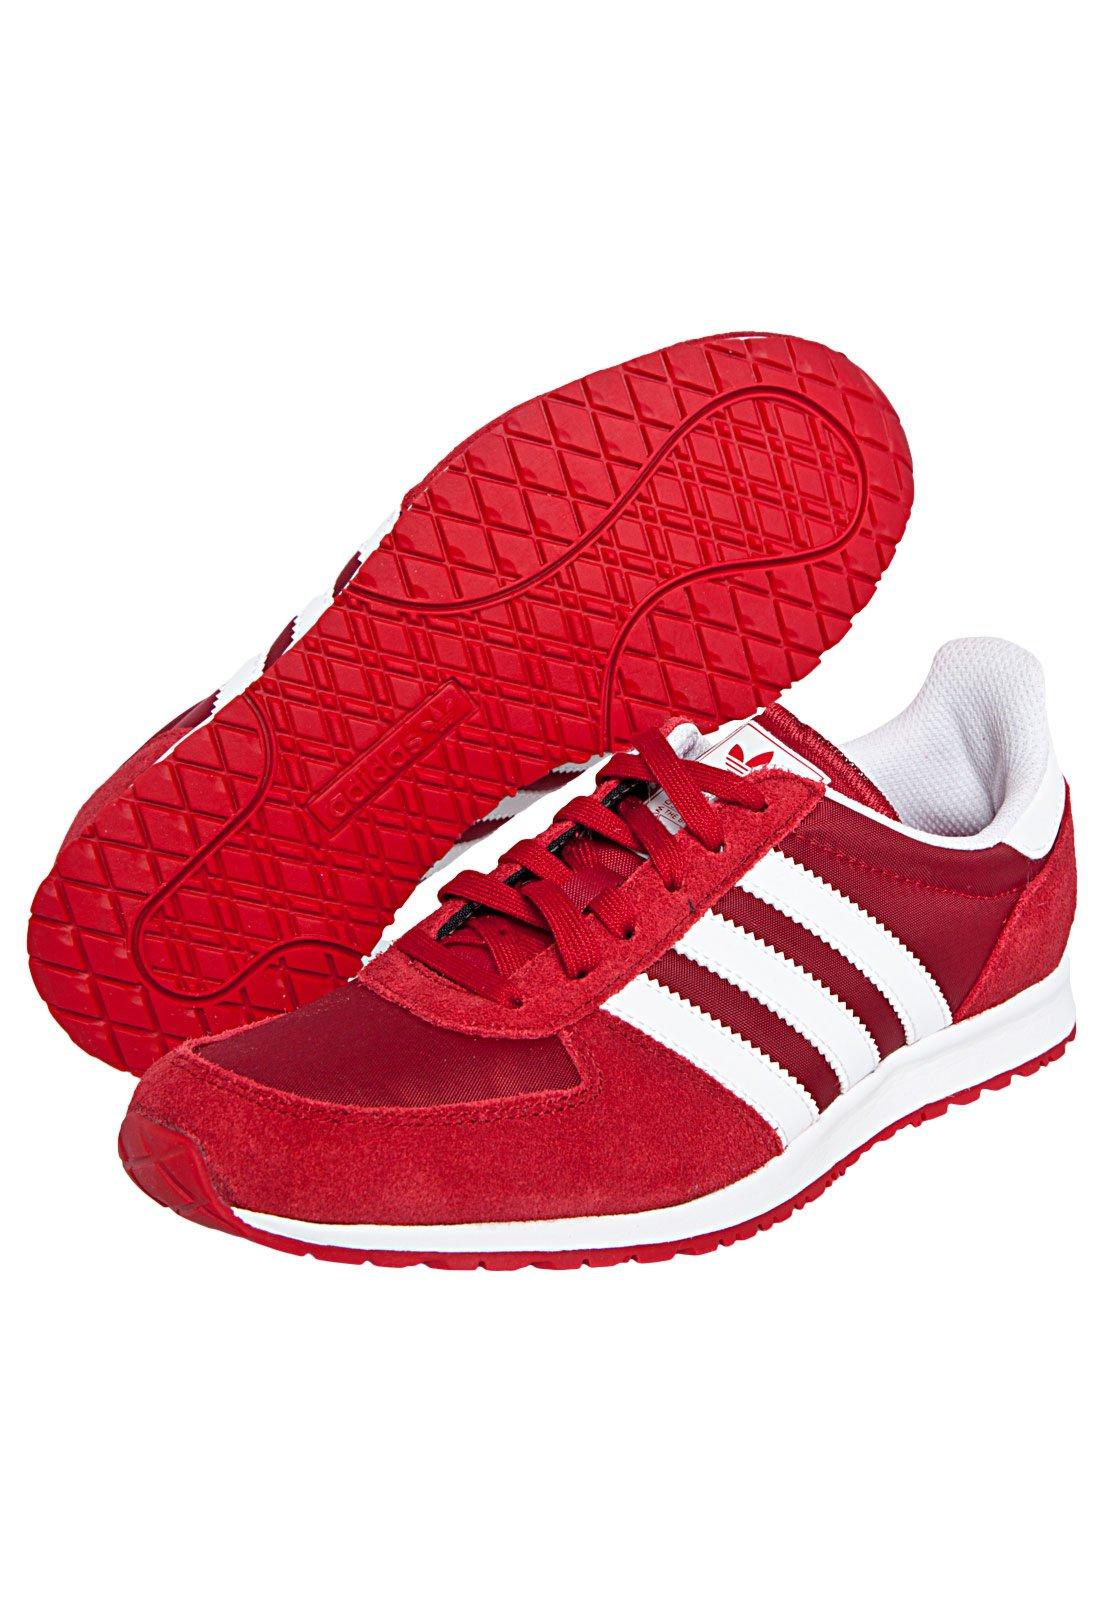 Portero Inmunidad material  Tênis adidas Originals Adistar Racer W Vermelho - Compre Agora   Dafiti  Brasil